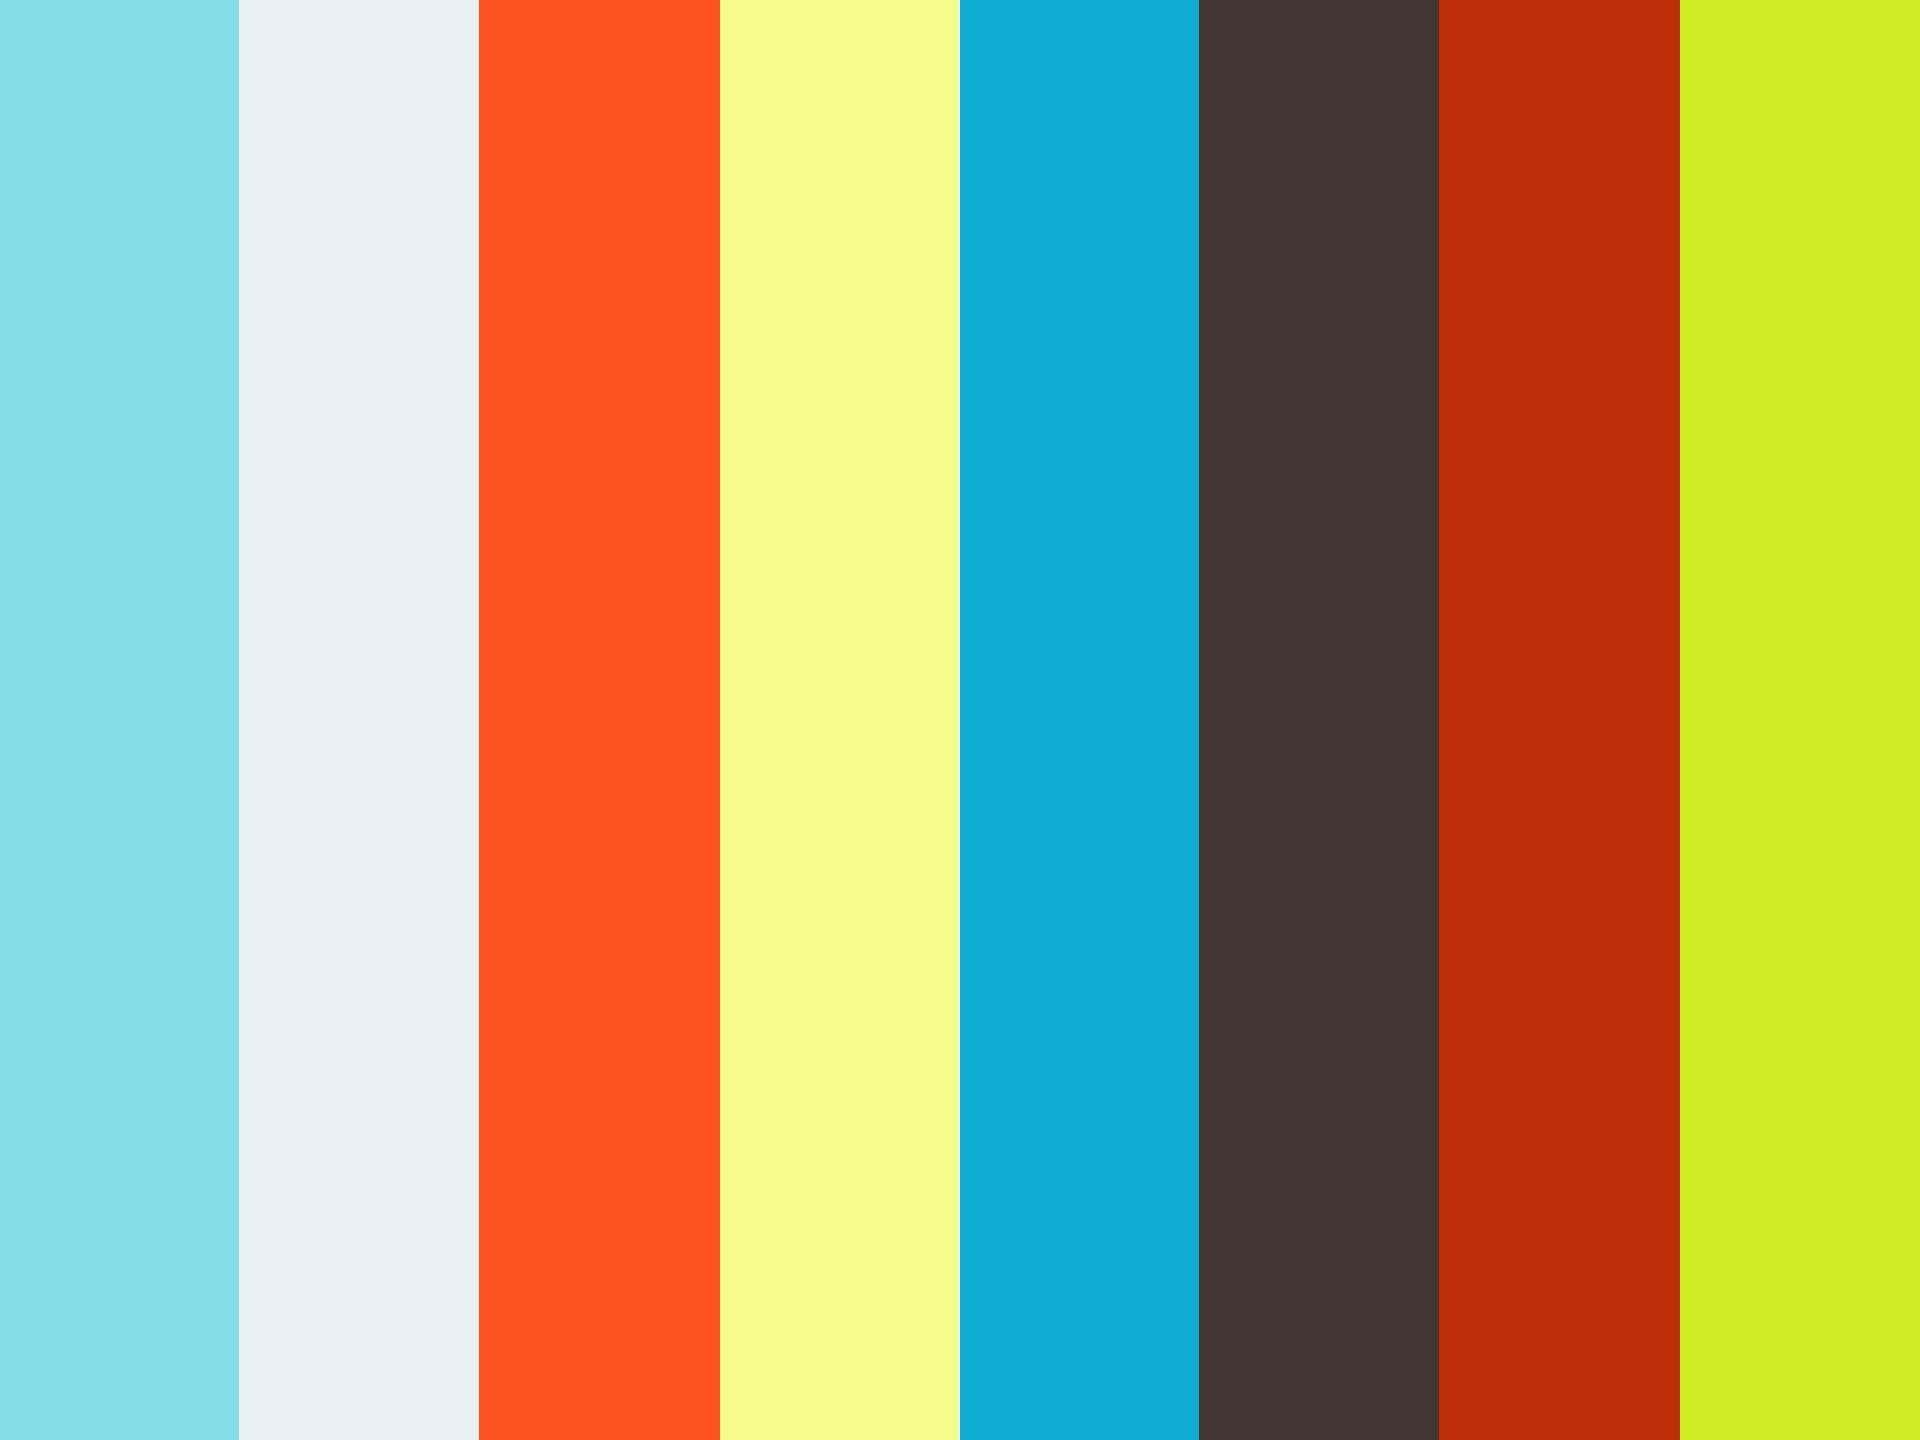 Μένω σπίτι και μαθαίνω | Δημοτική | Μουσική  (Χειροποίητα Μουσικά Όργανα  & Παραδοσιακό Τραγούδι)  7/4/20  Επ. 7